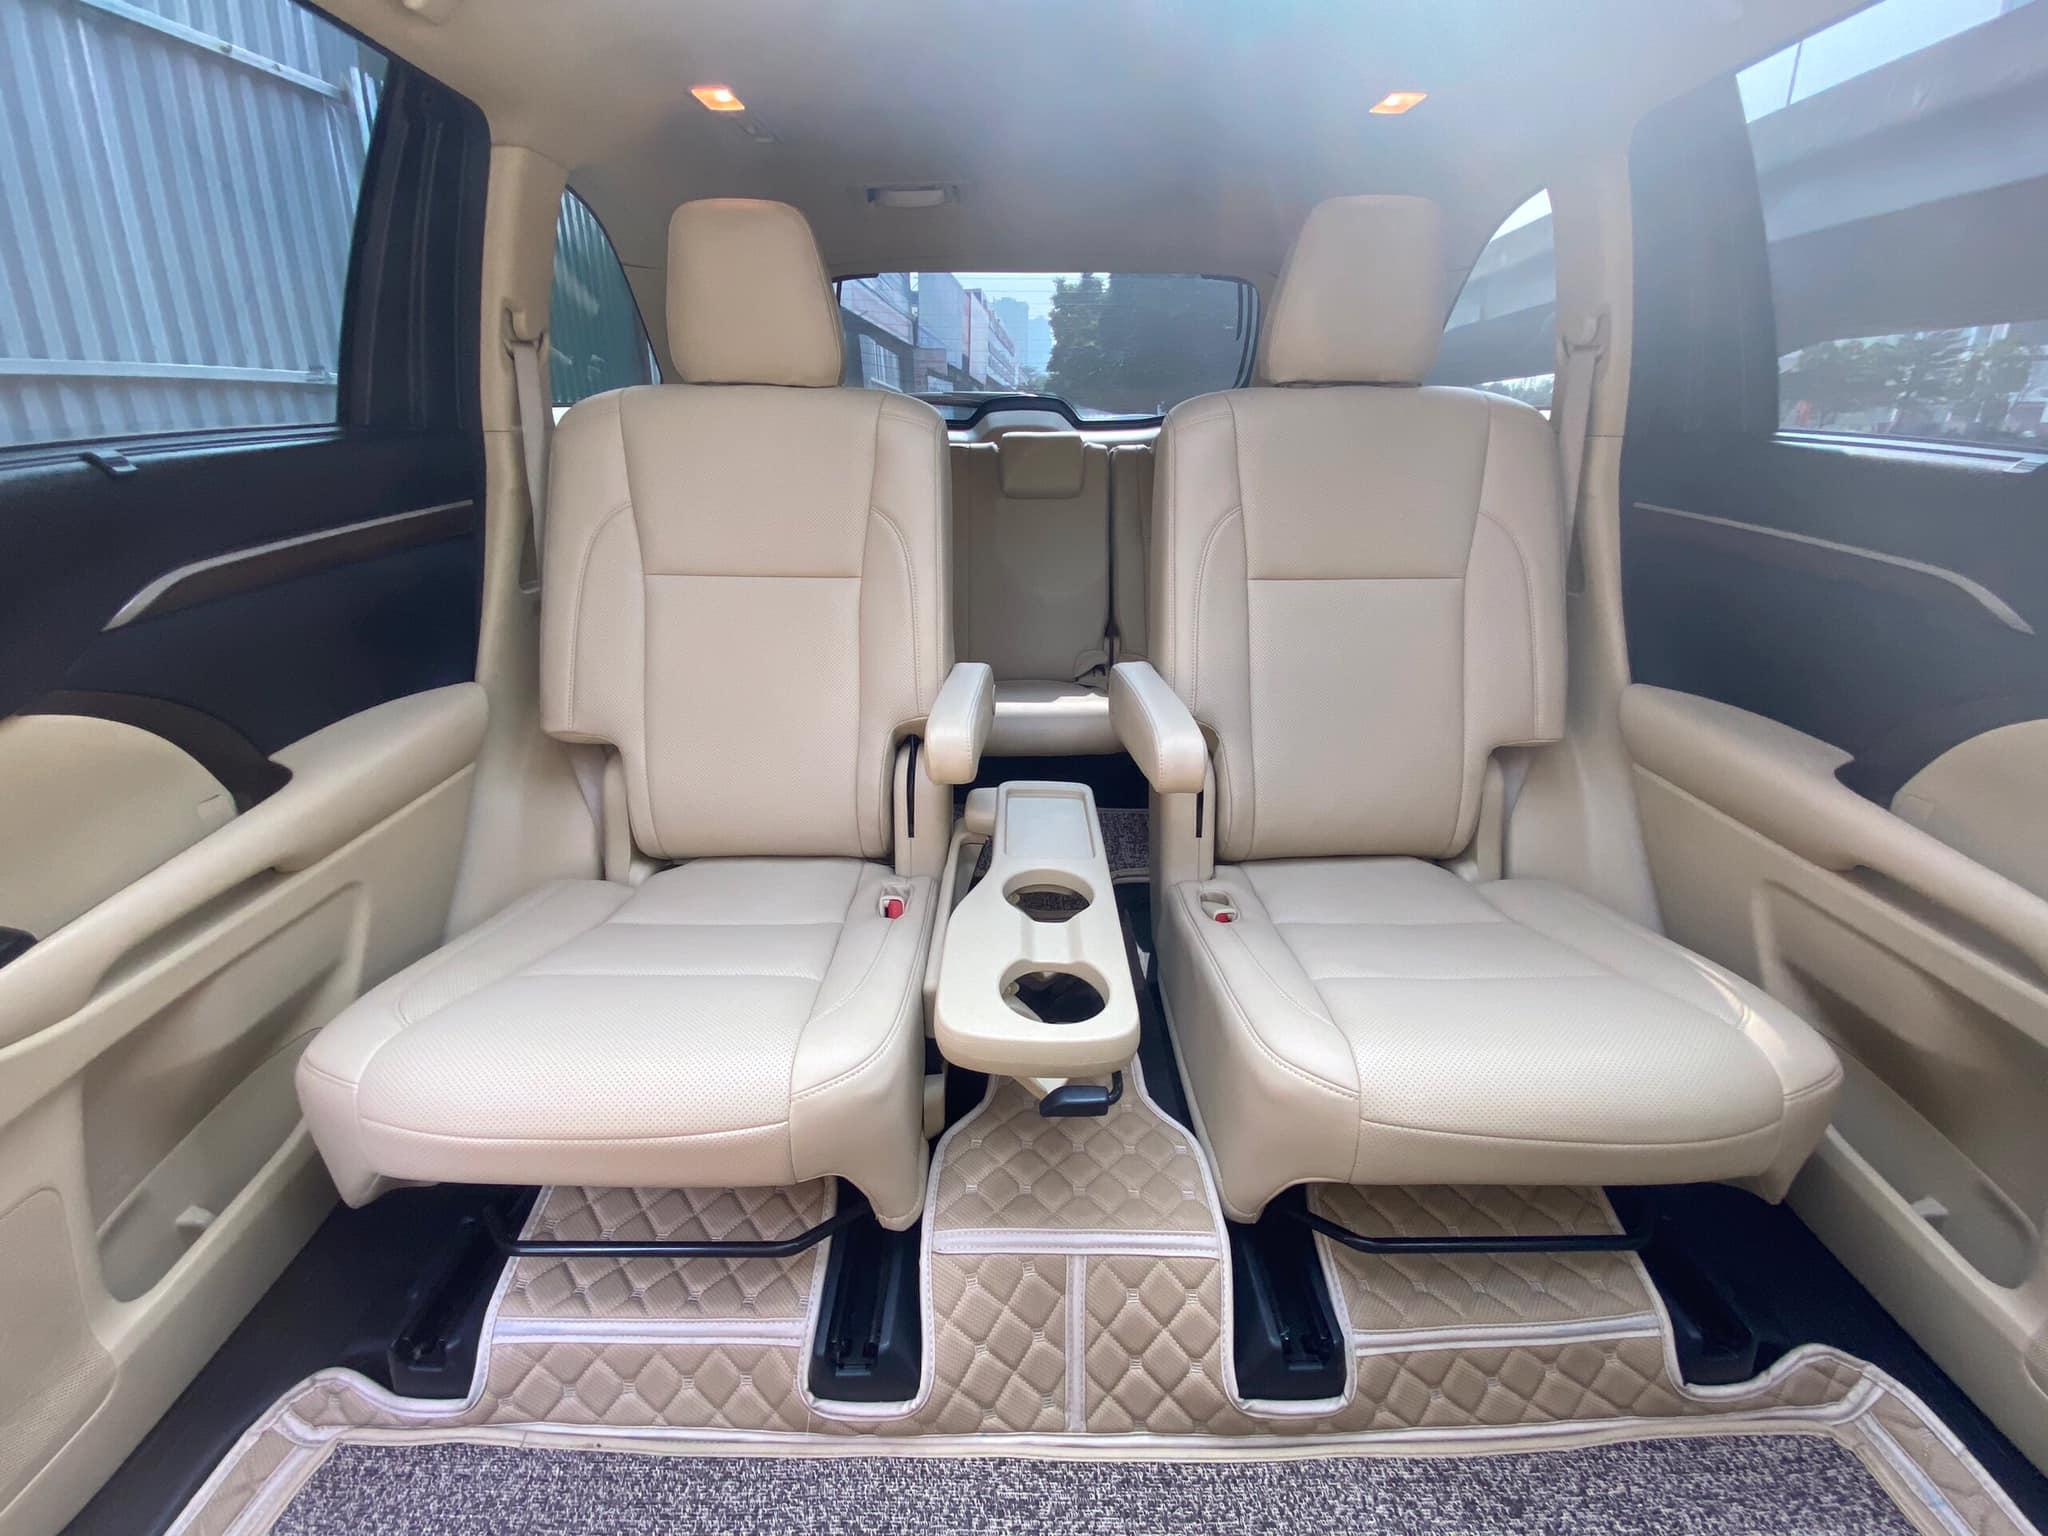 Toyota Highlander Limited 2015, 6 chỗ ngồi hàng hiếm tại Việt Nam - 4